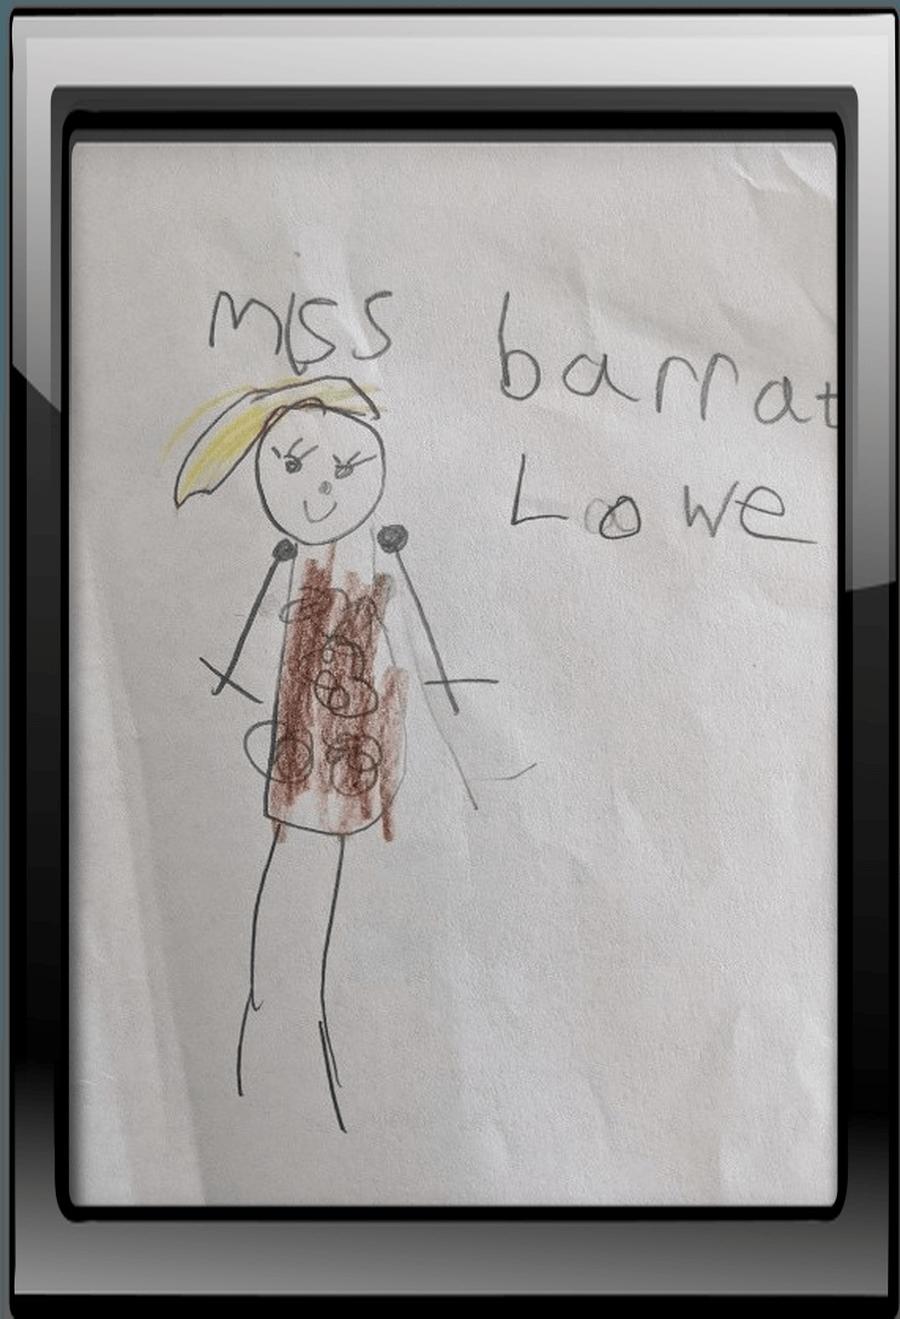 Mrs Barrett-Low by Robyn